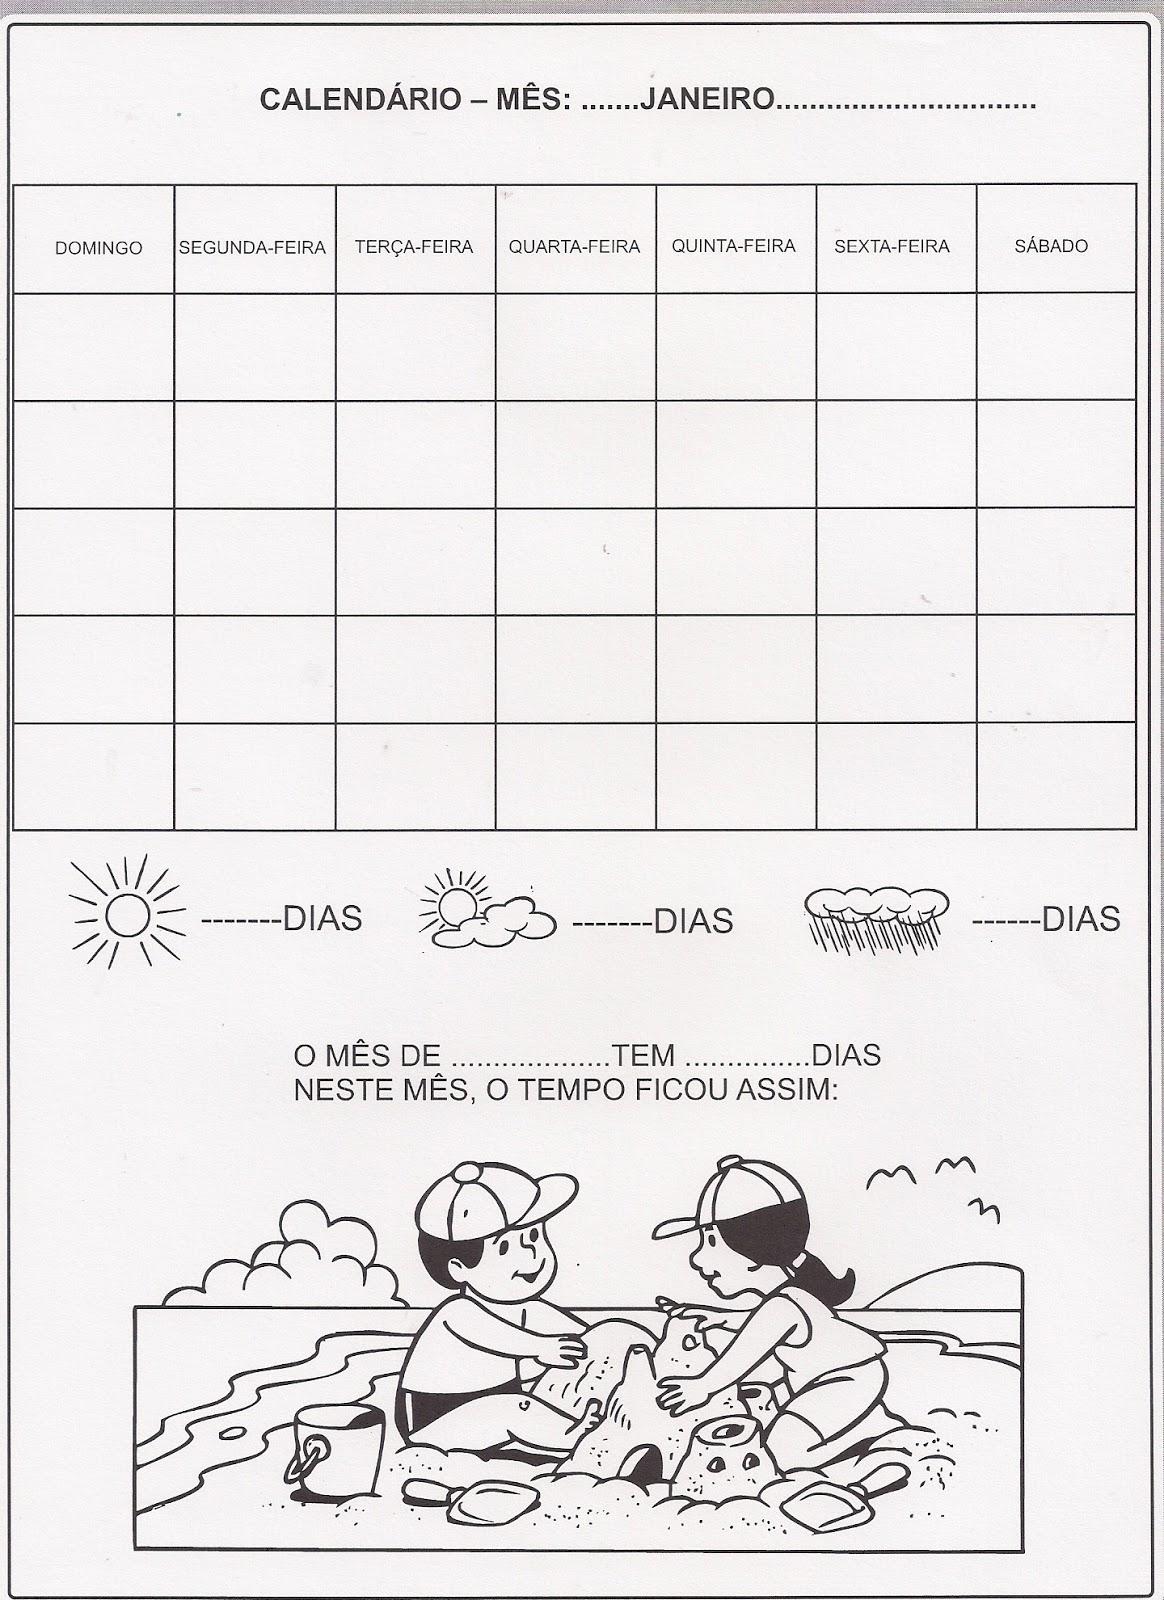 Calendário mês de Janeiro